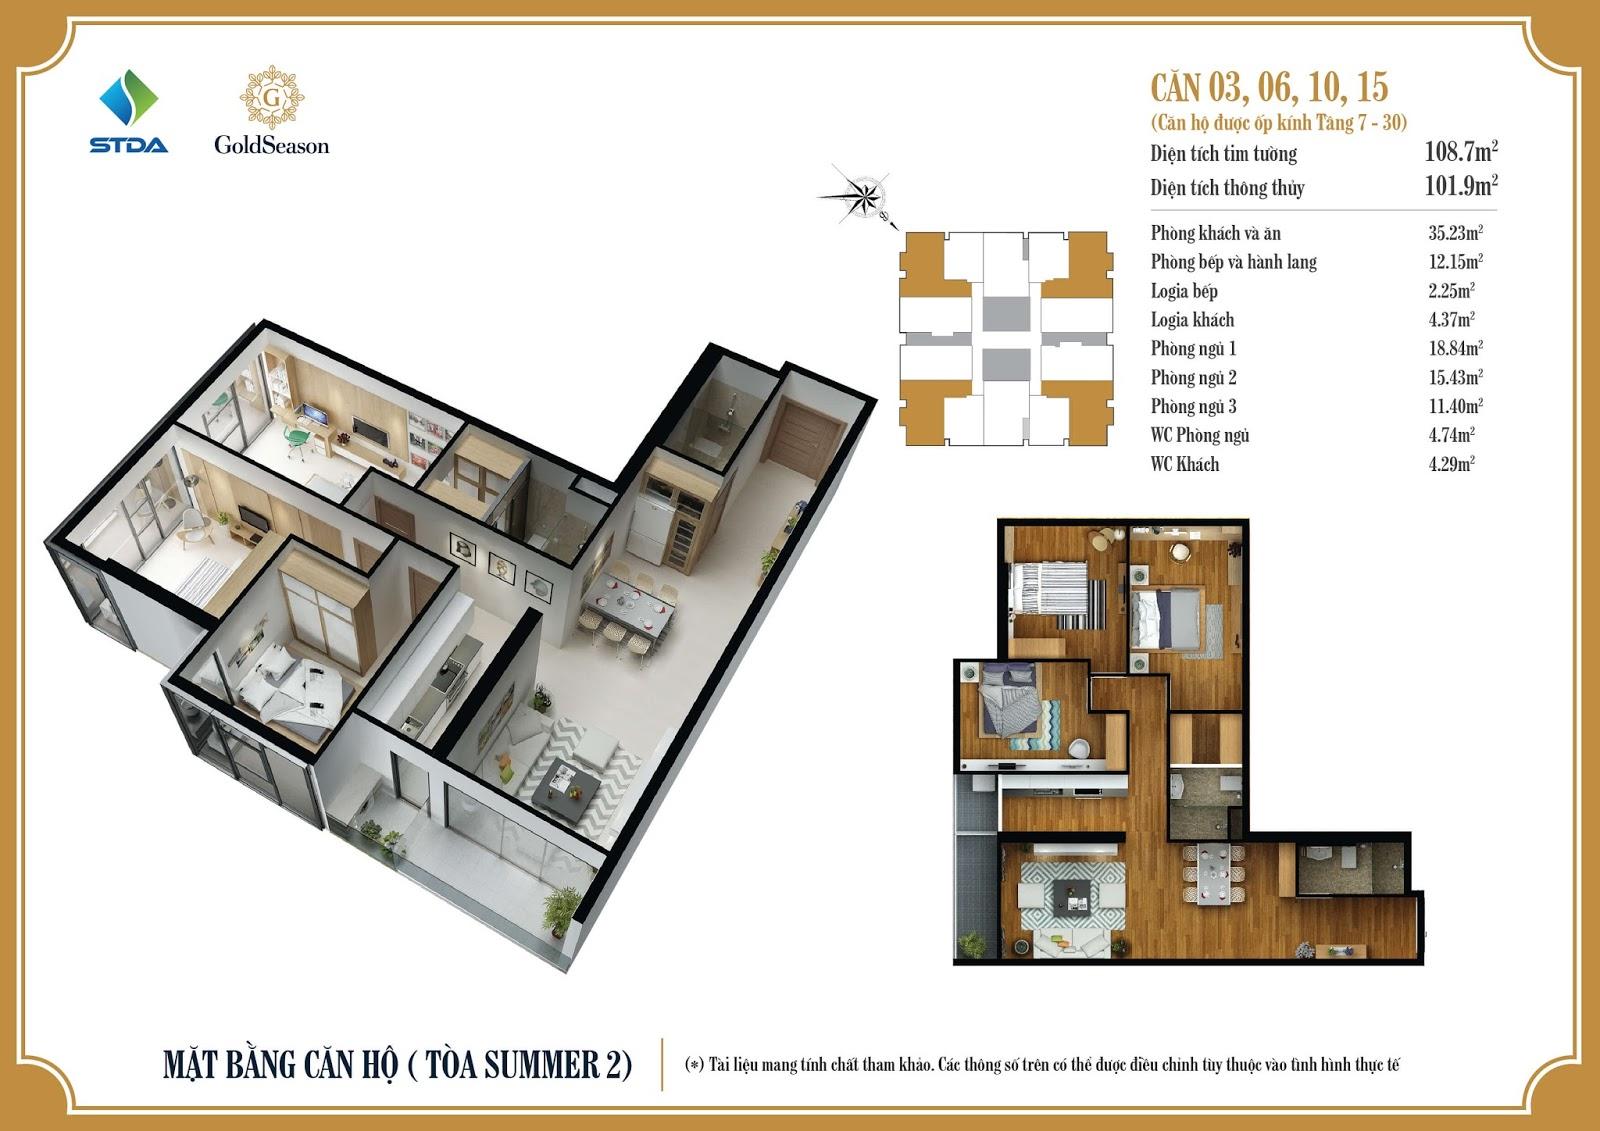 Mặt bằng căn hộ ỐP KÍNH số 03, 06, 10 và 15 diện tích 108,7m2 tầng 7 đến 30 - GoldSeason